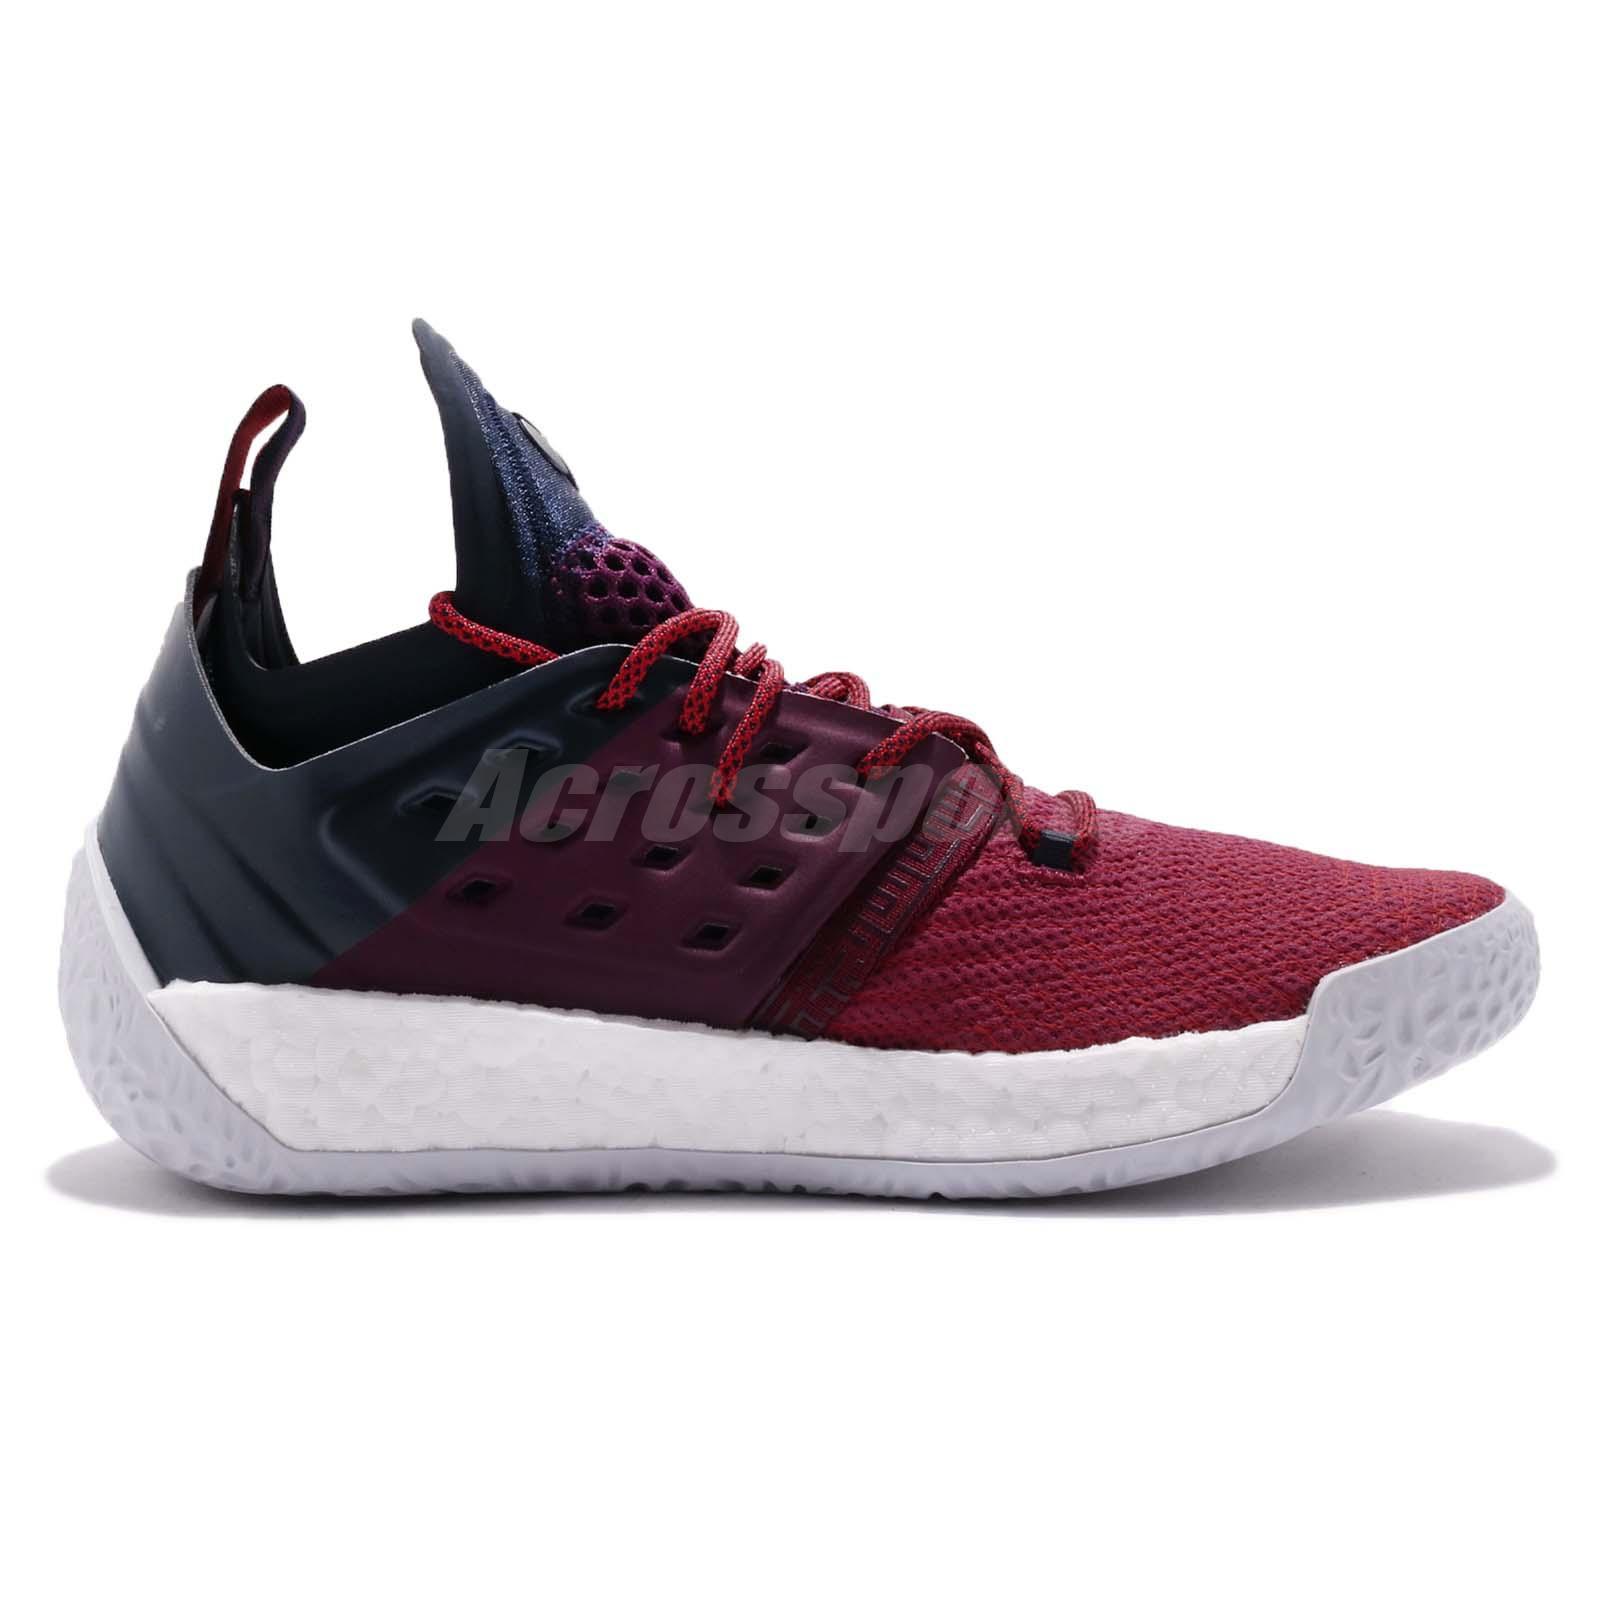 11775e513ede9 1802 adidas Harden Vol. 2 Men s Basketball Shoes AH2124